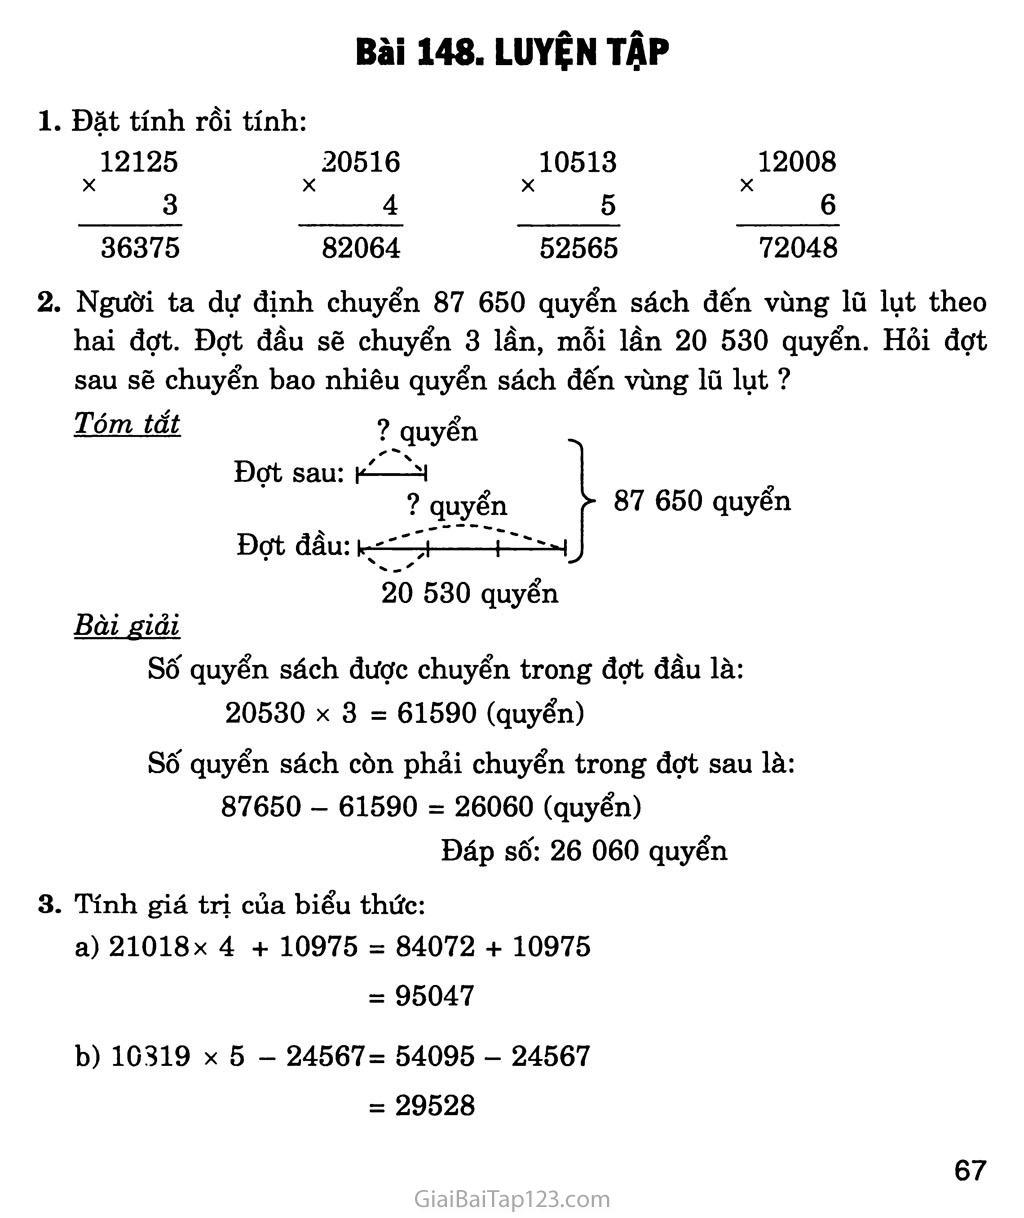 Bài 148: Luyện tập trang 1